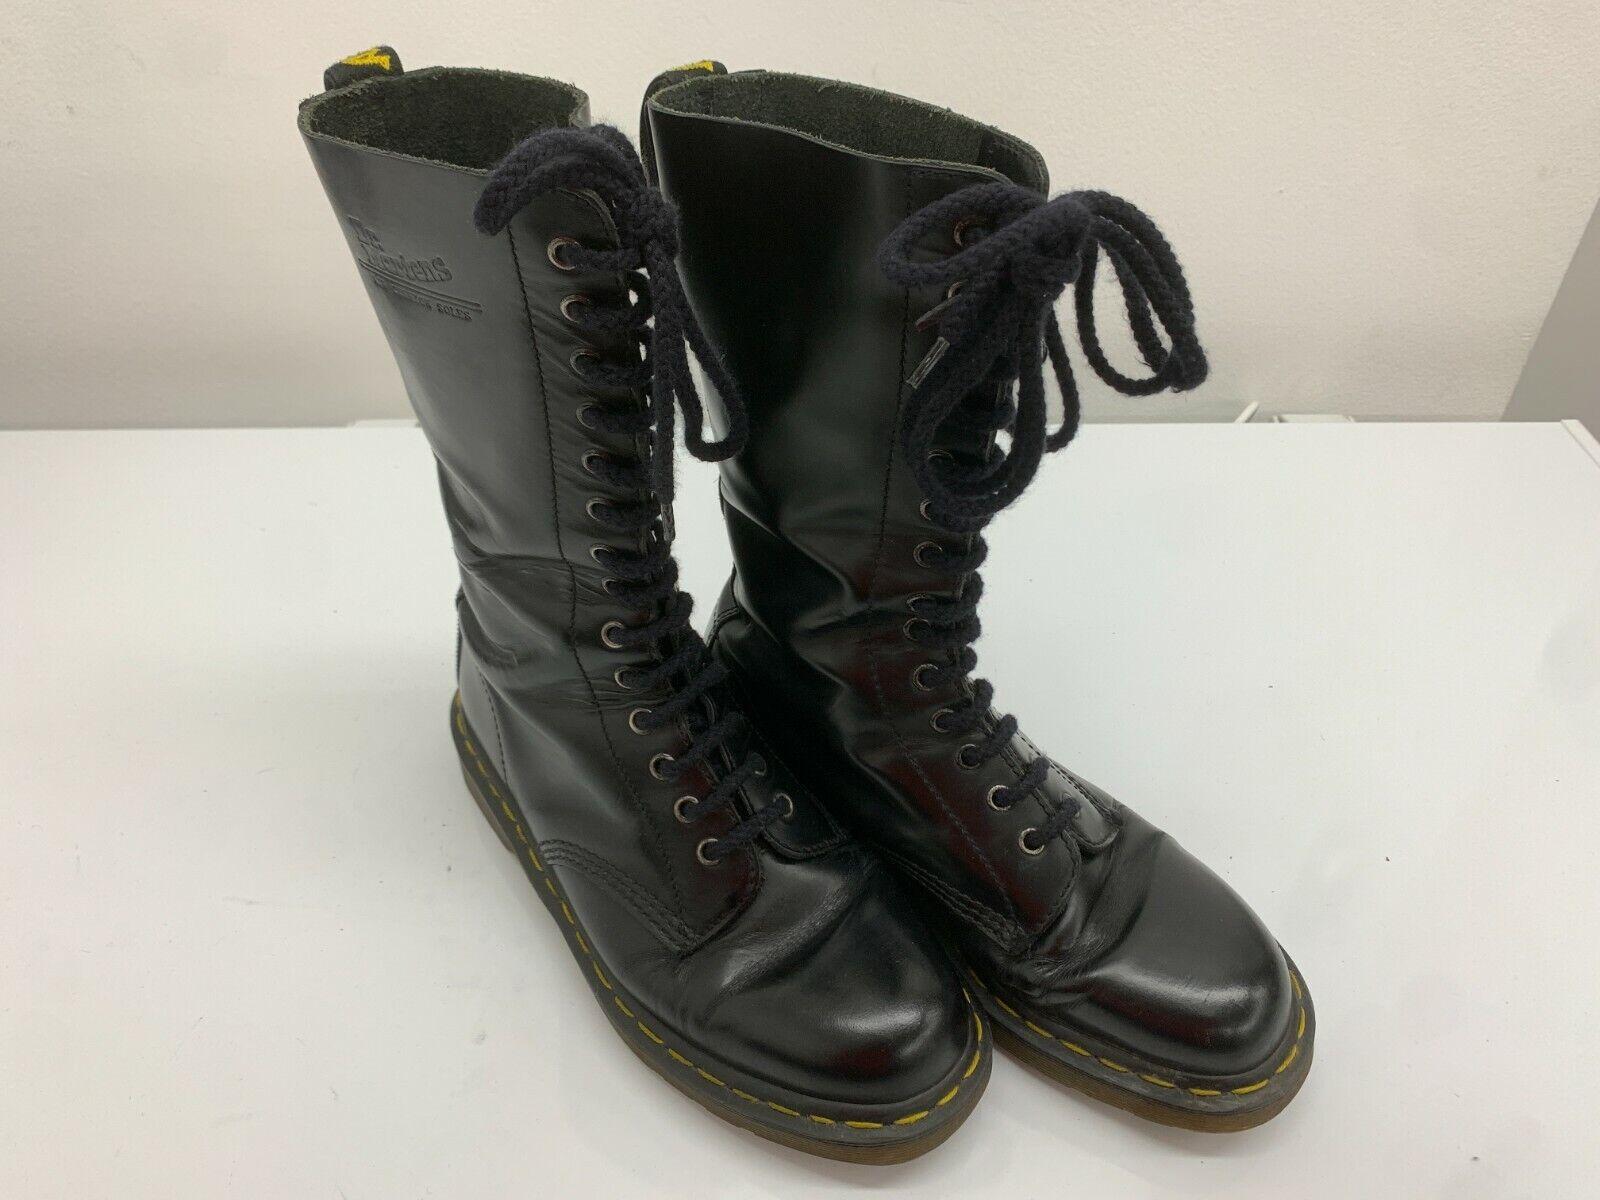 Dr Martens Boots 14 Eyelets Black Shiny Leather, Size 8UK